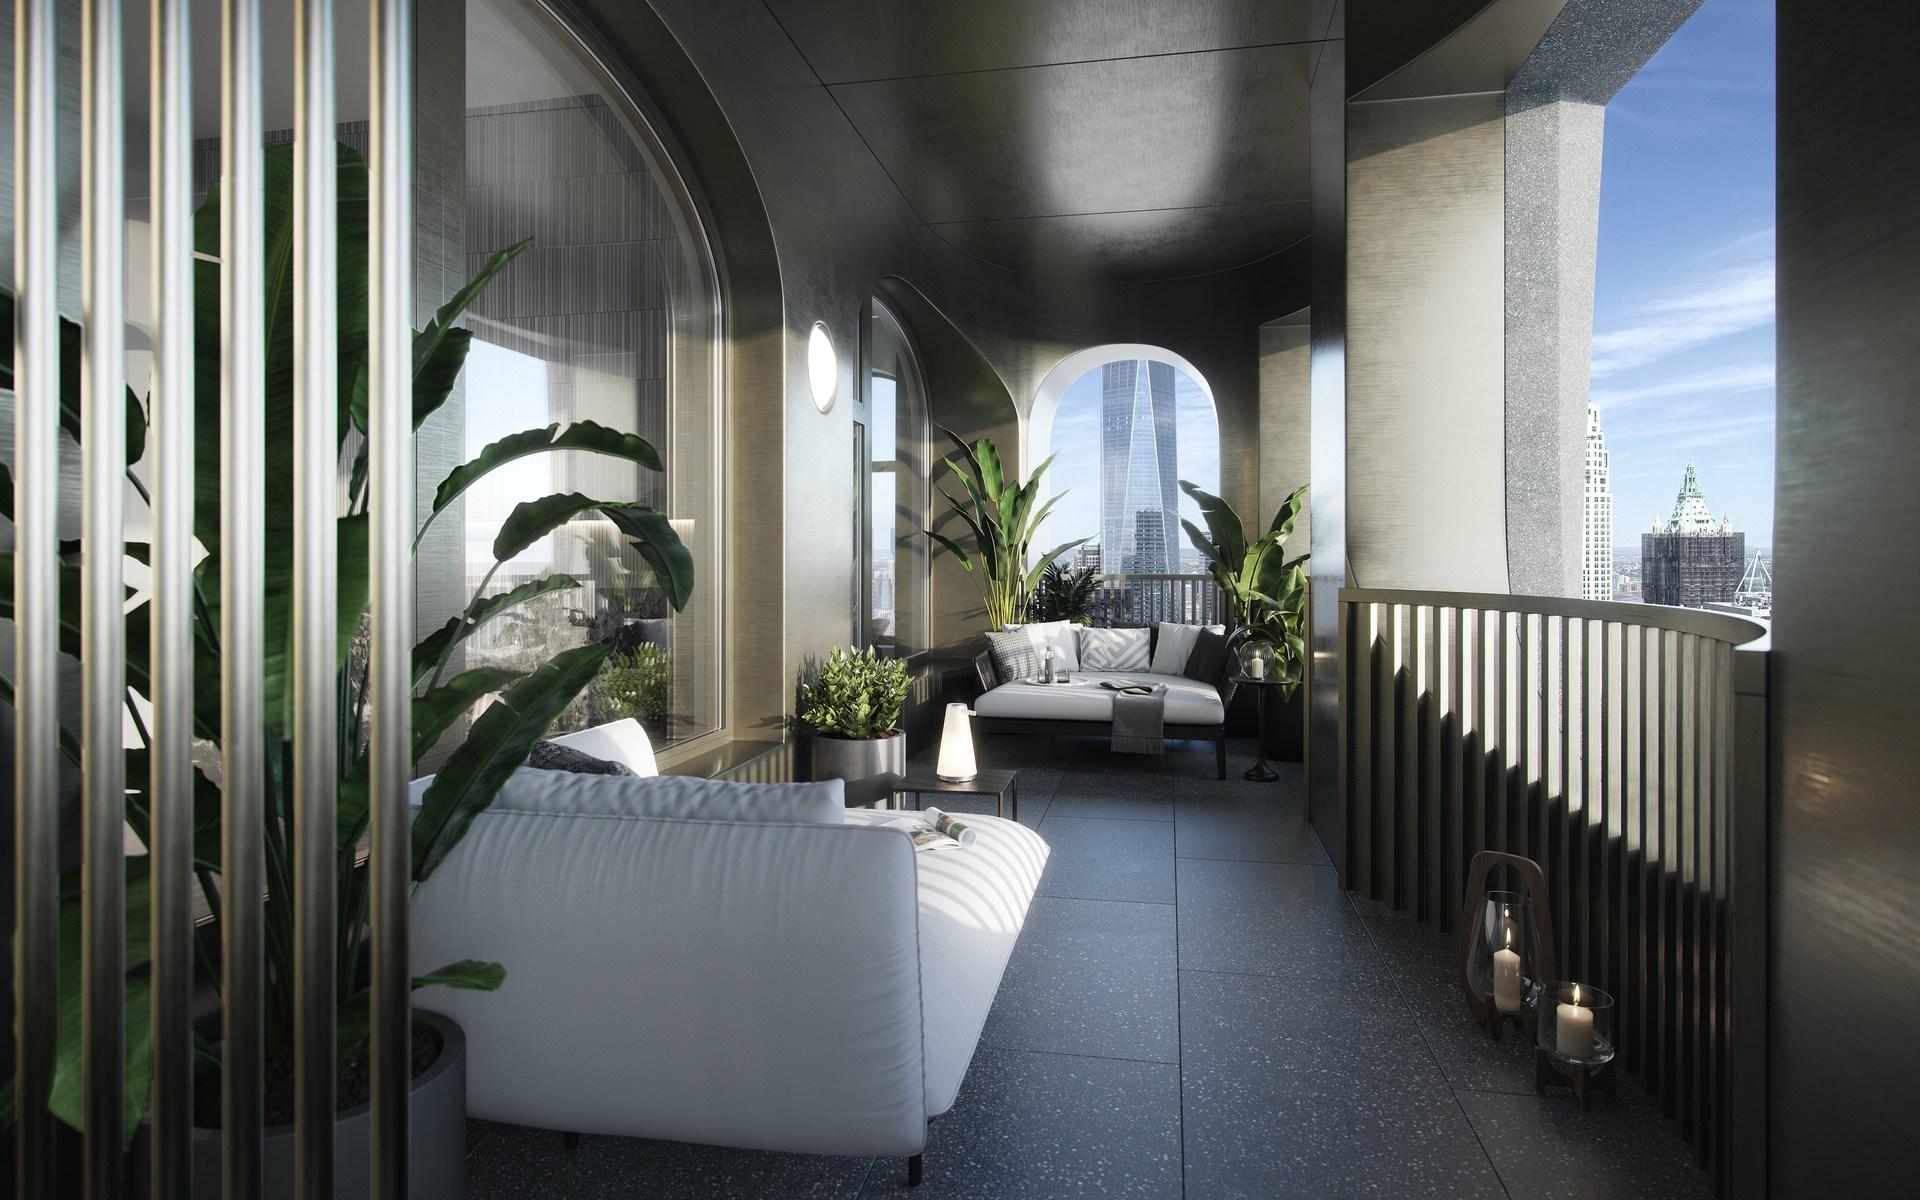 Aston_Martin_NY_Apartments_0013